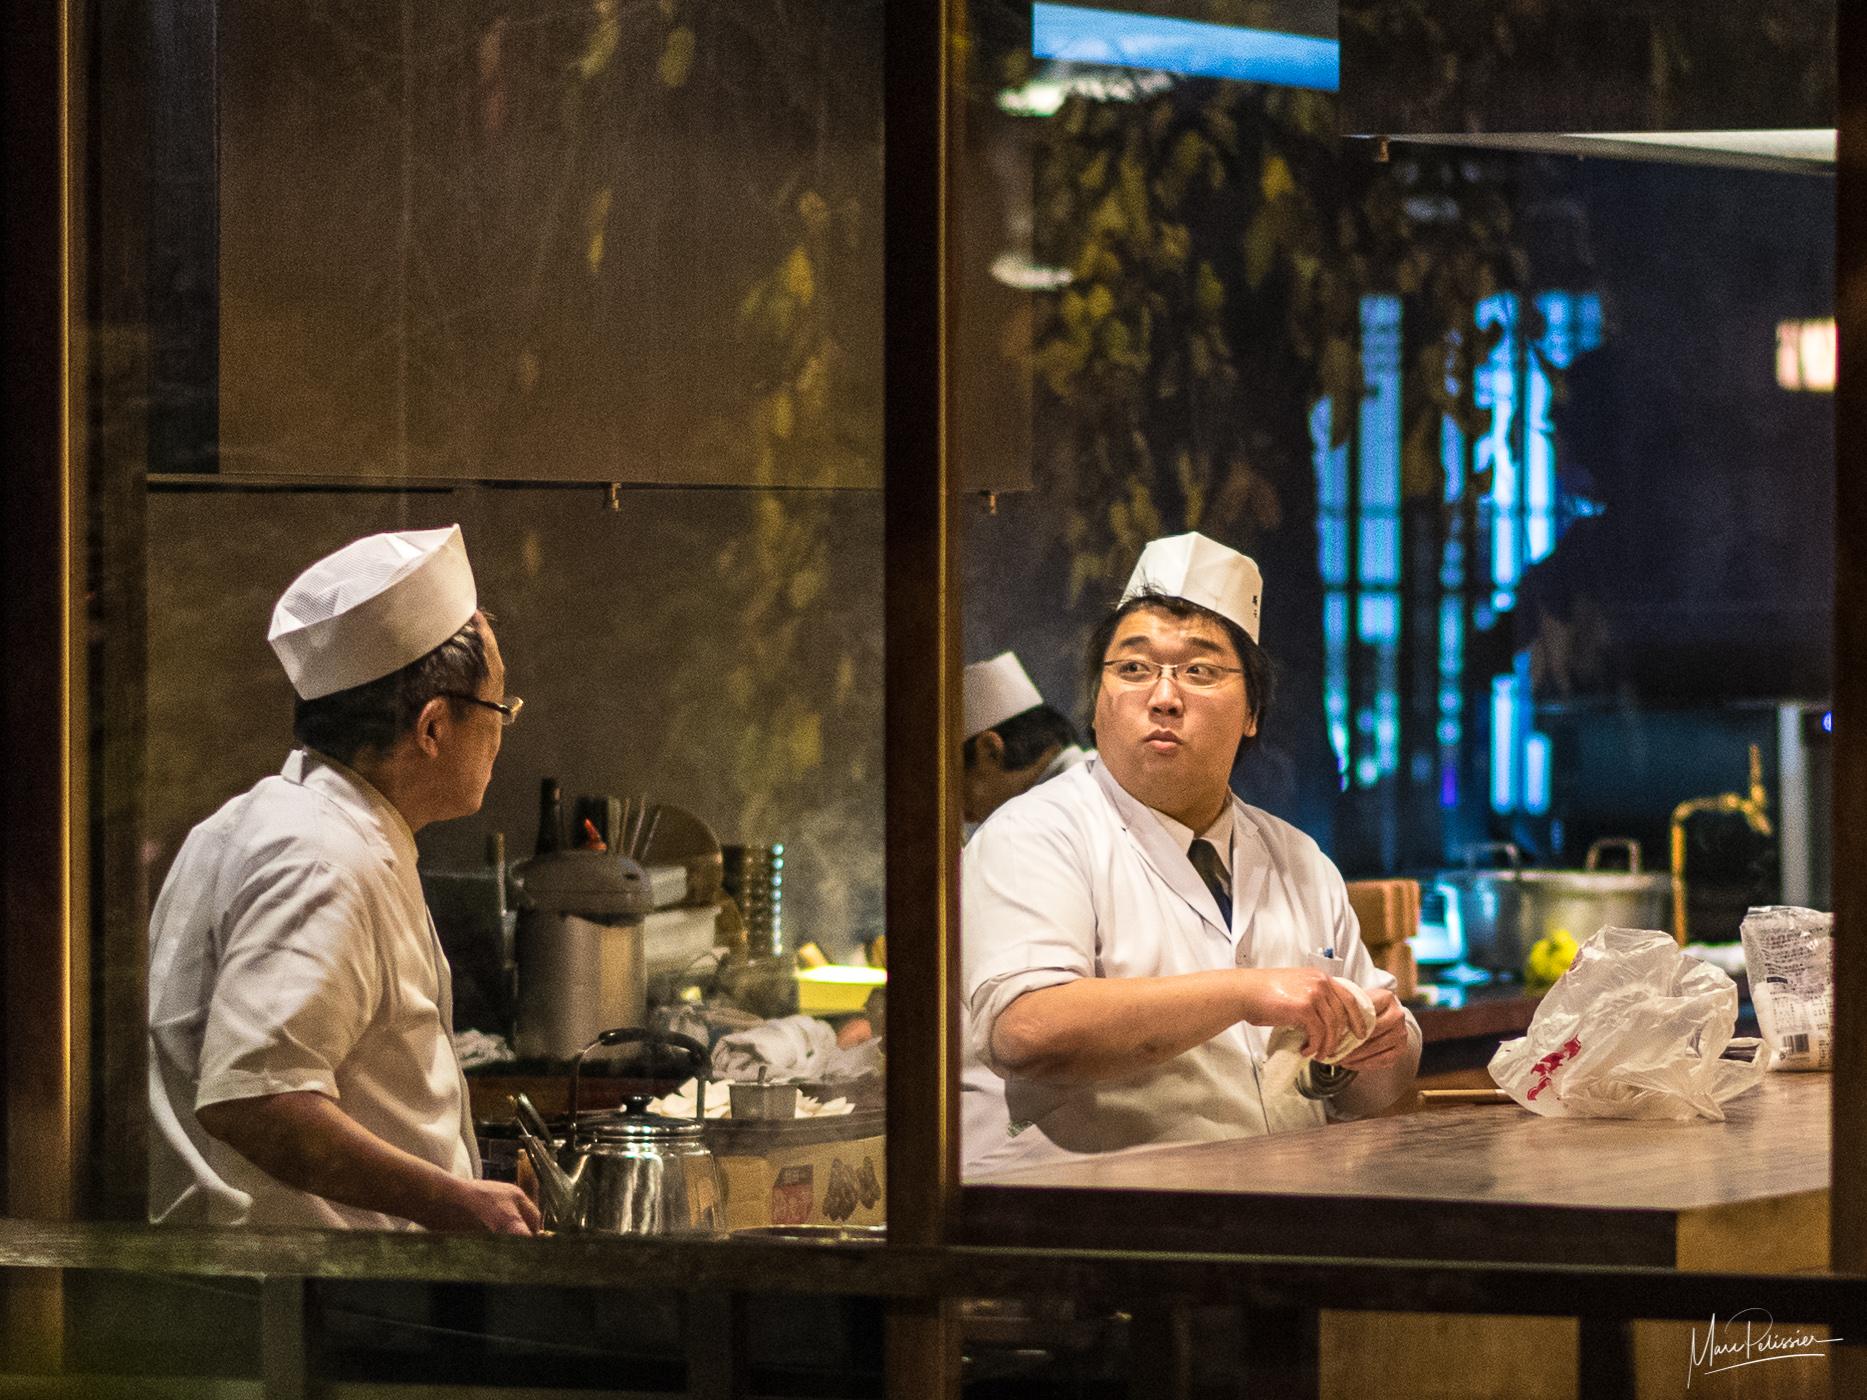 Restaurant kitchen backview, Japan